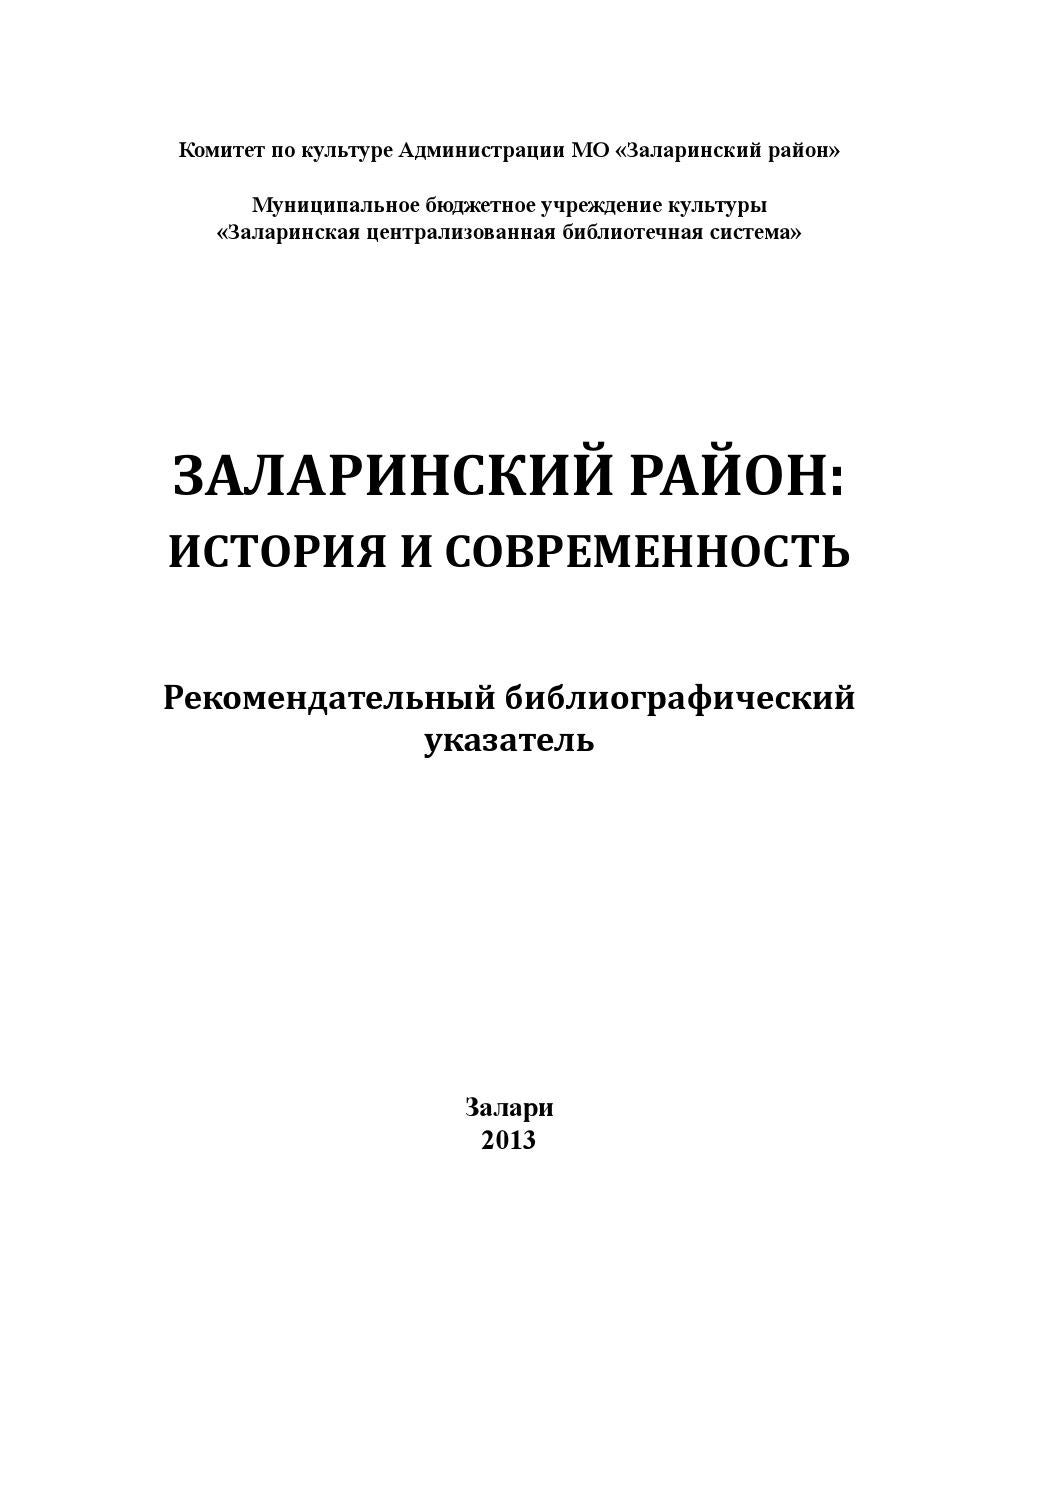 Дом престарелых п.владимир заларинского района лучшая компания для строительства частного дома москва